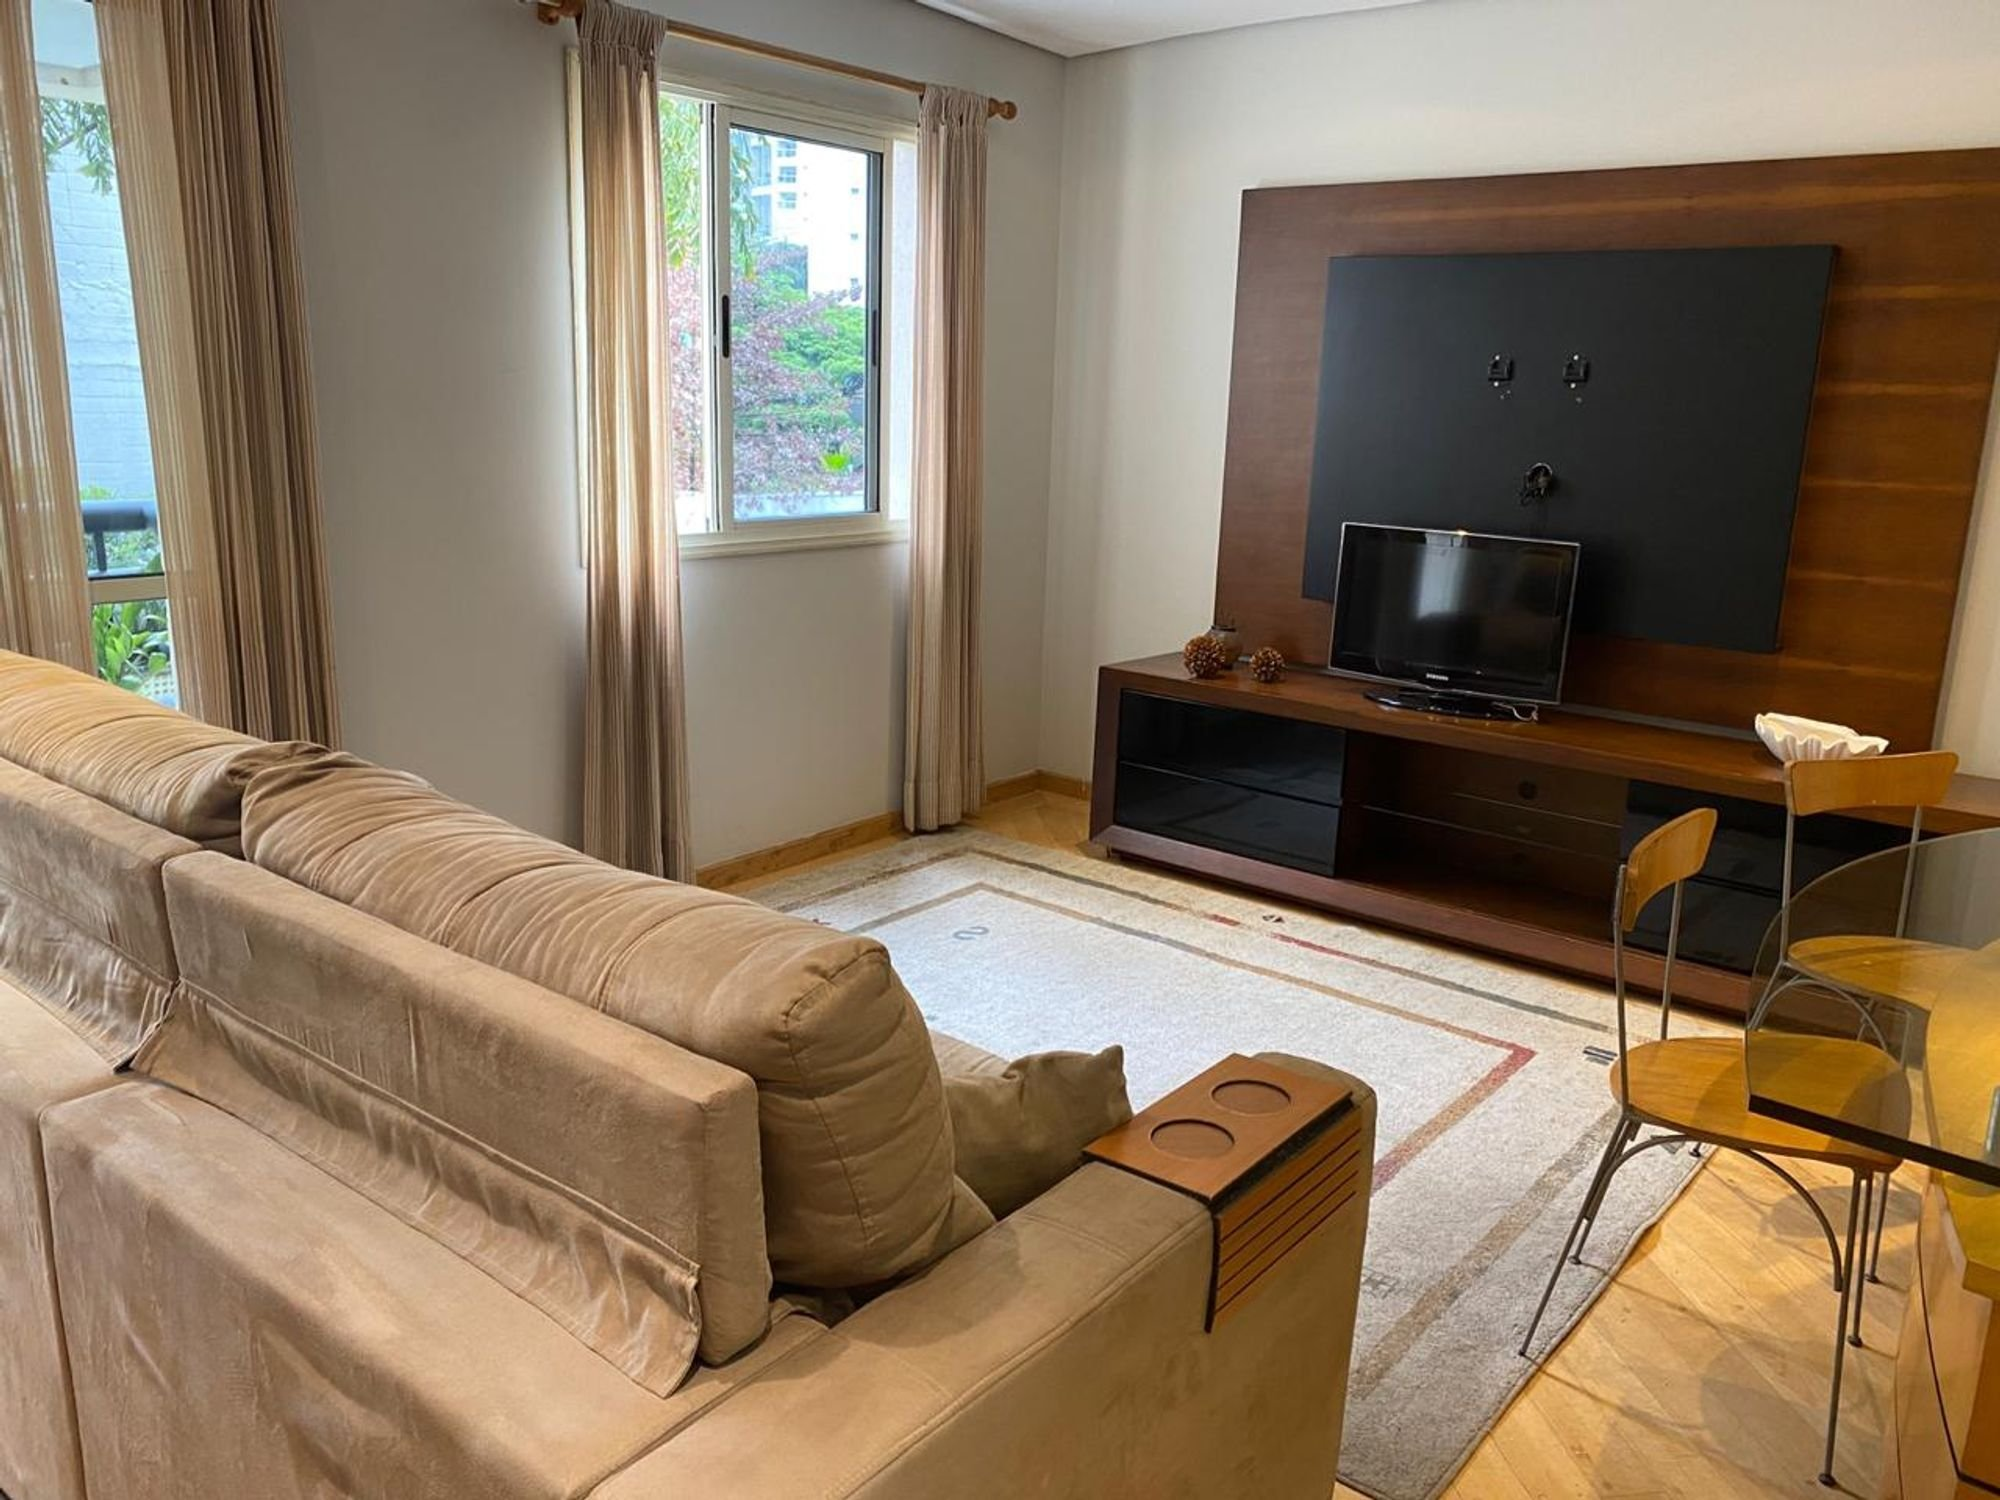 Foto de Sala com sofá, televisão, cadeira